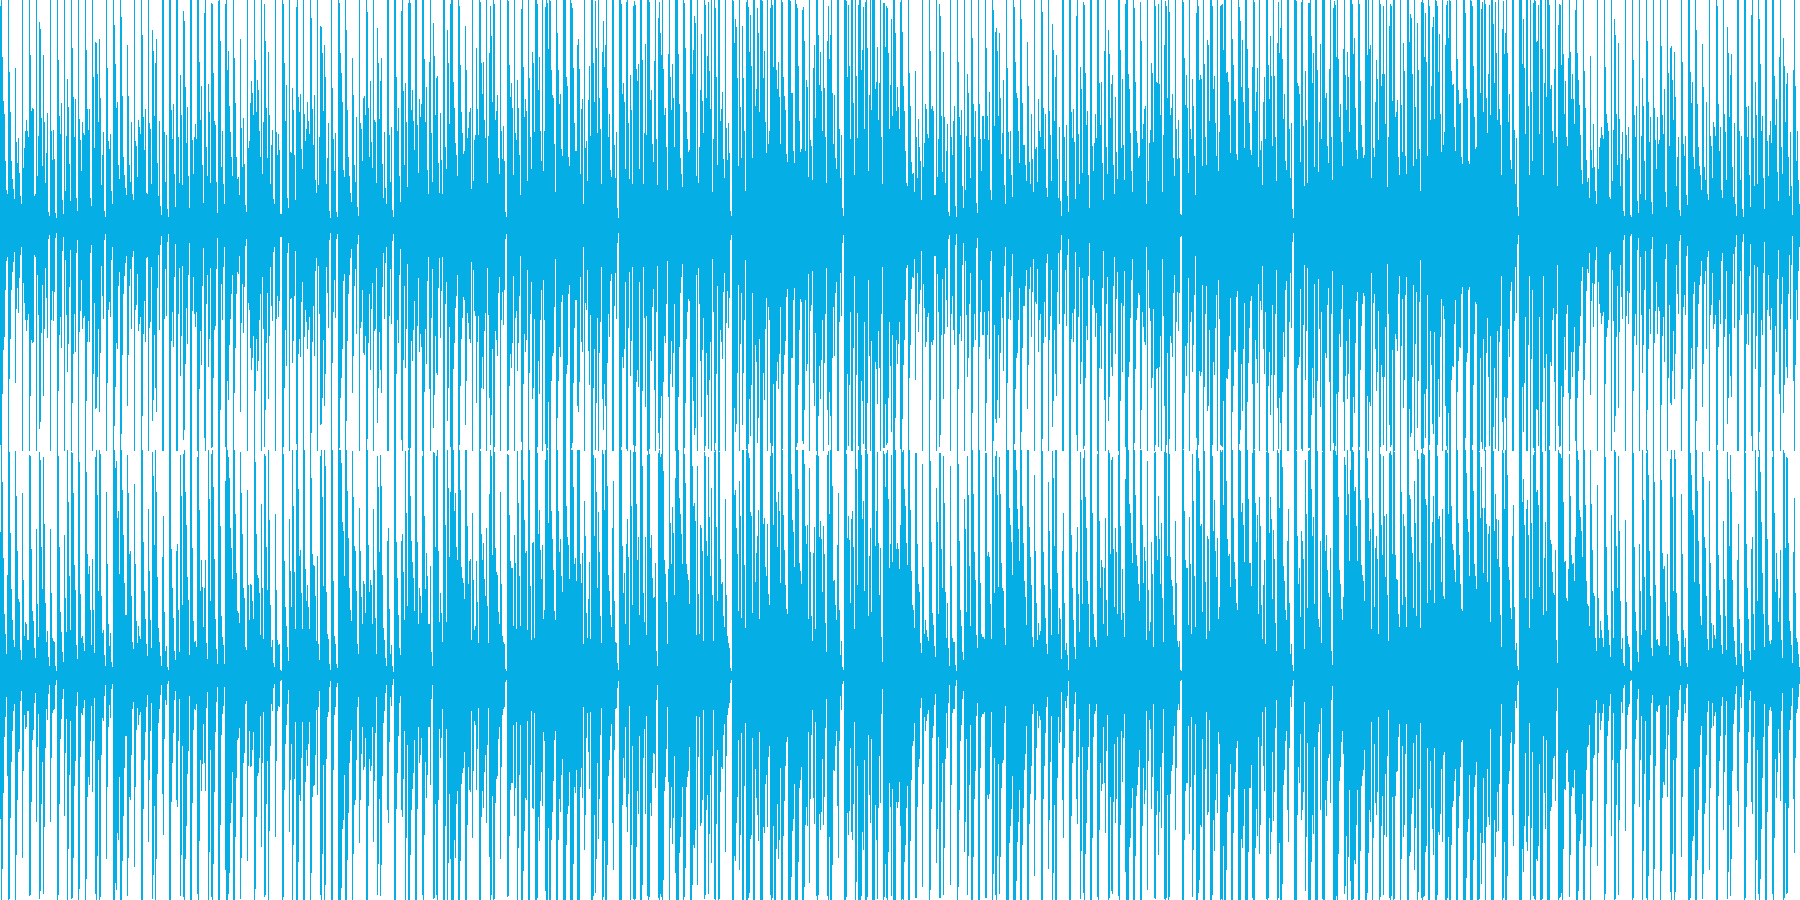 軽快で明るめのBGMの再生済みの波形